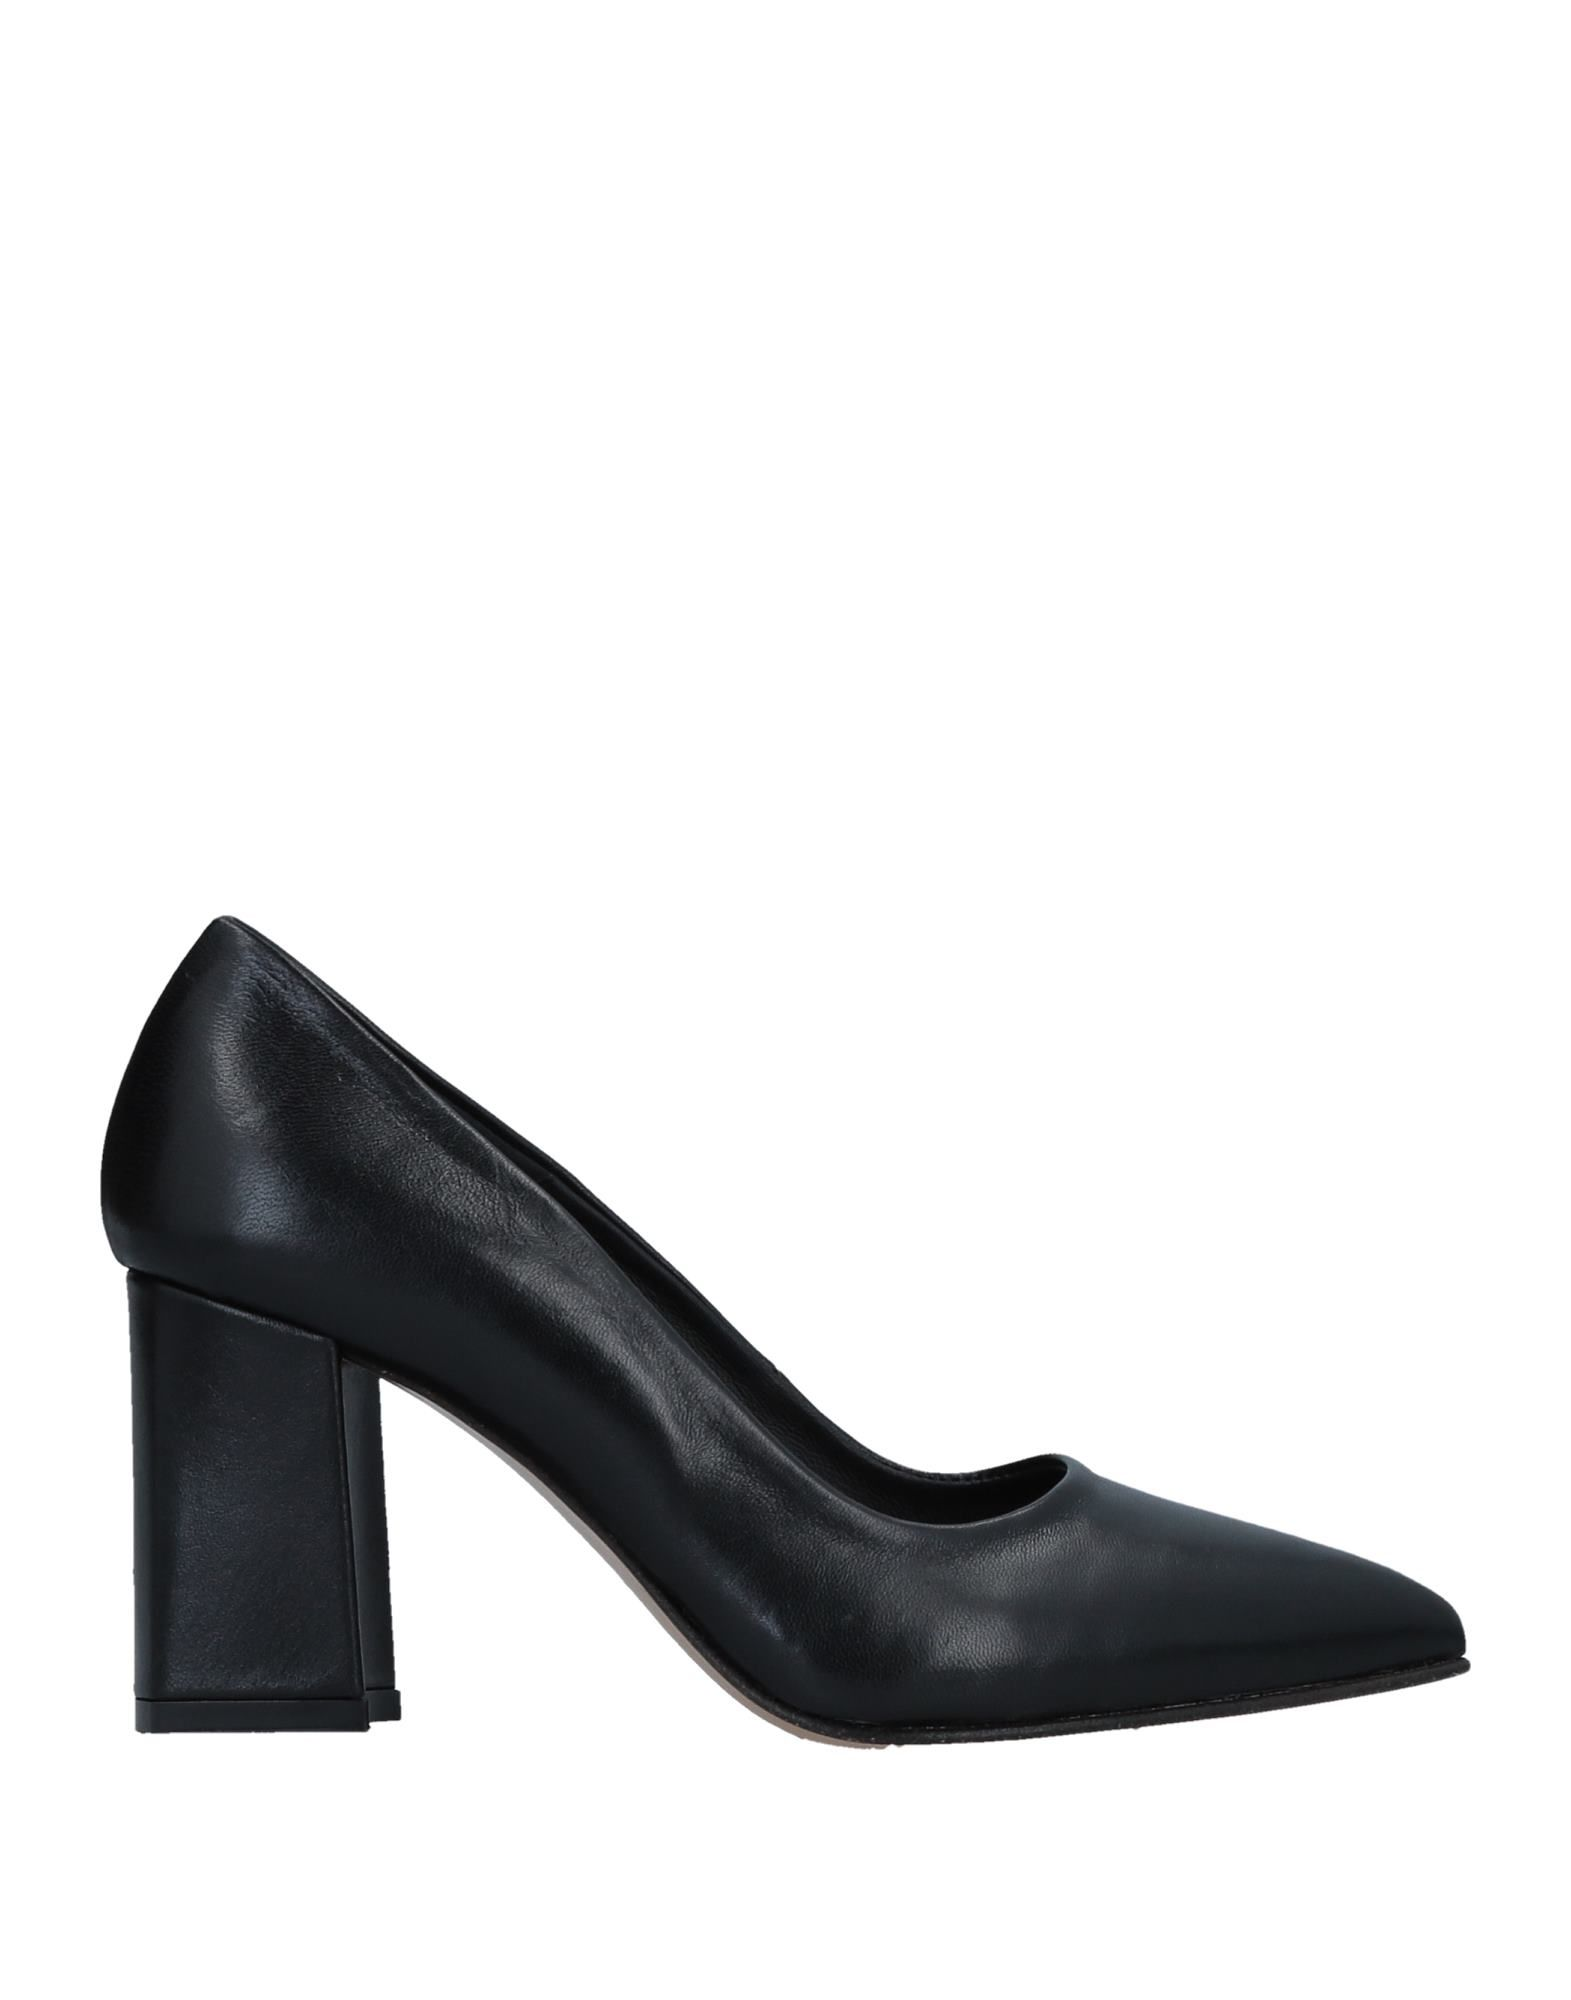 Sandali Formentini Donna e - 11560327UX Nuove offerte e Donna scarpe comode 9babc0